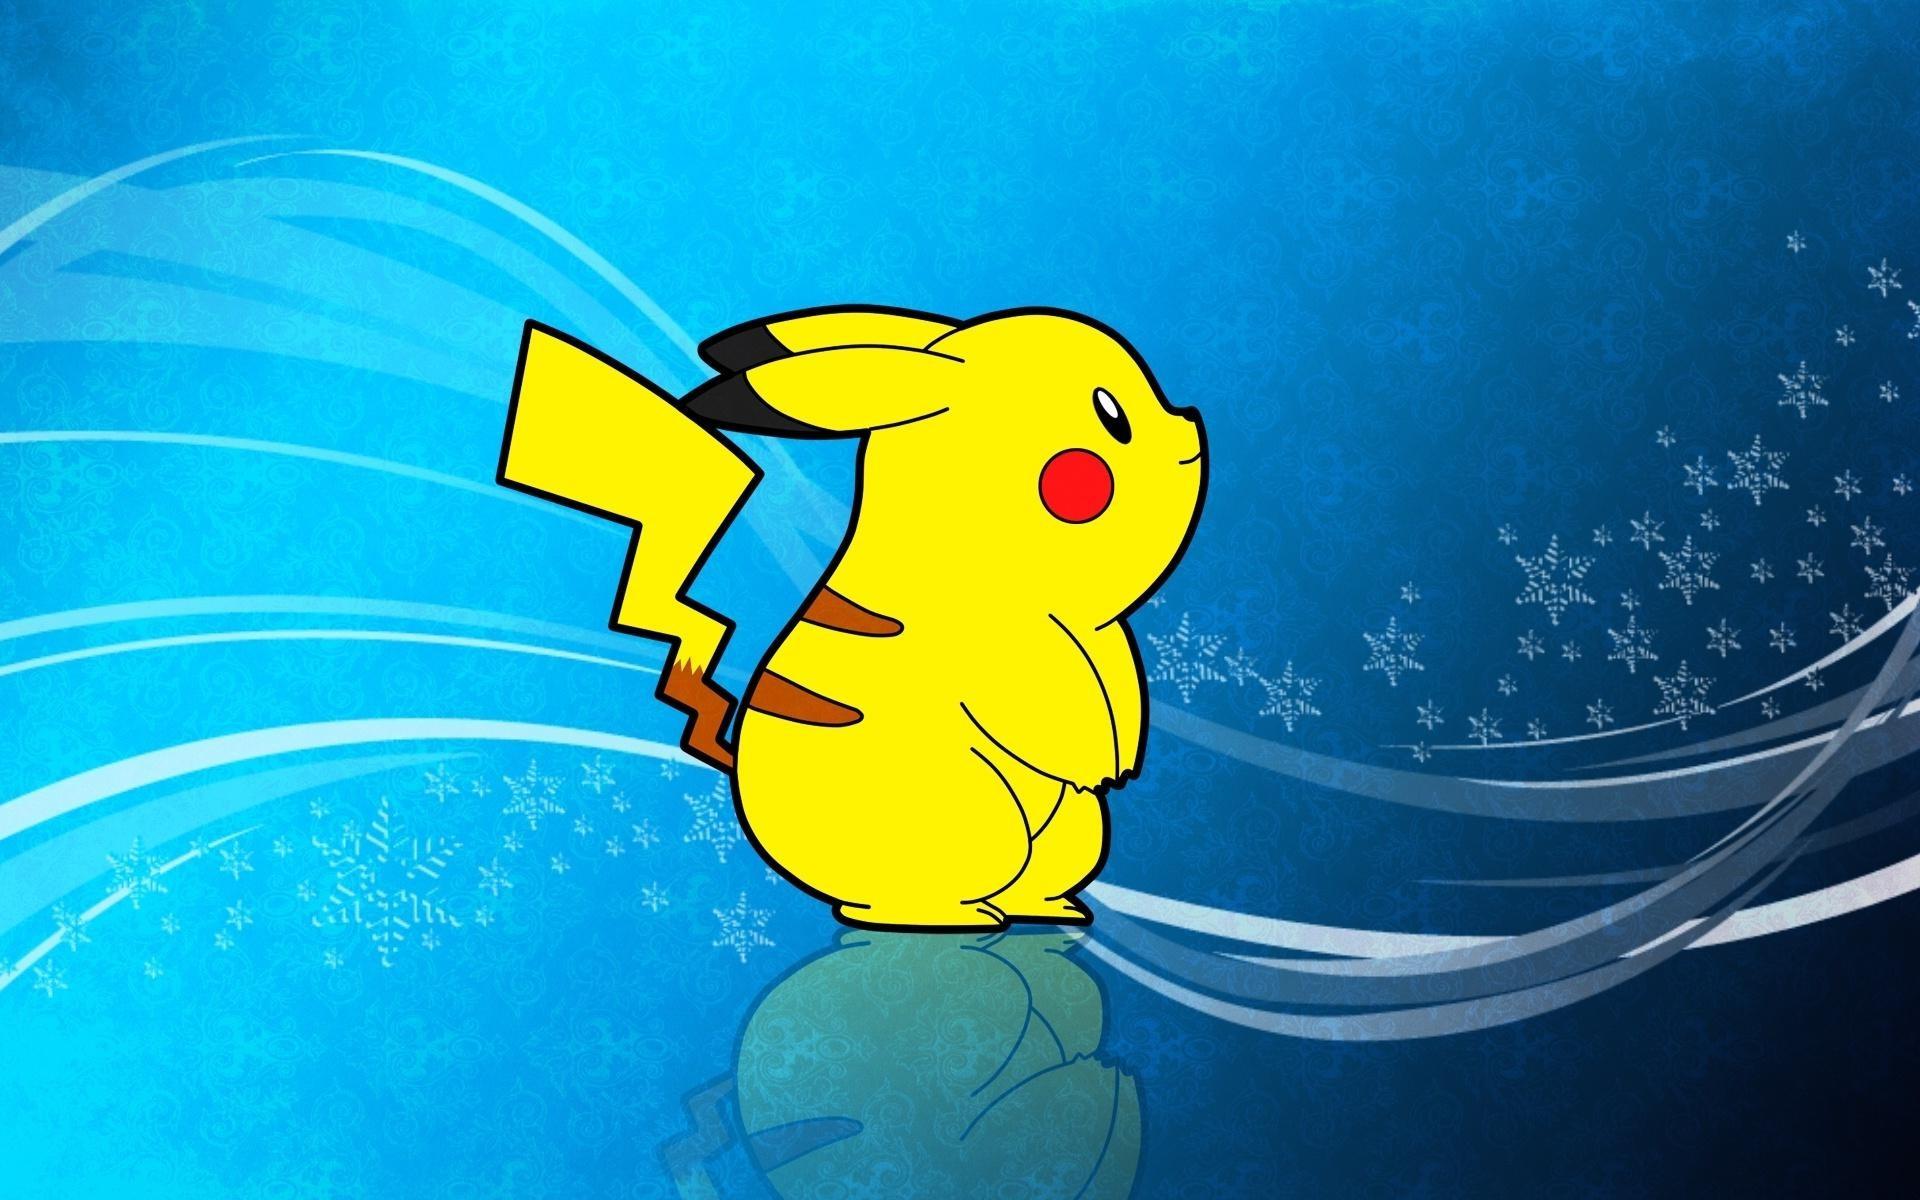 Pikachu Pokemon Yellow Anime HD Wallpaper Desktop Wallpapers High 1920x1200